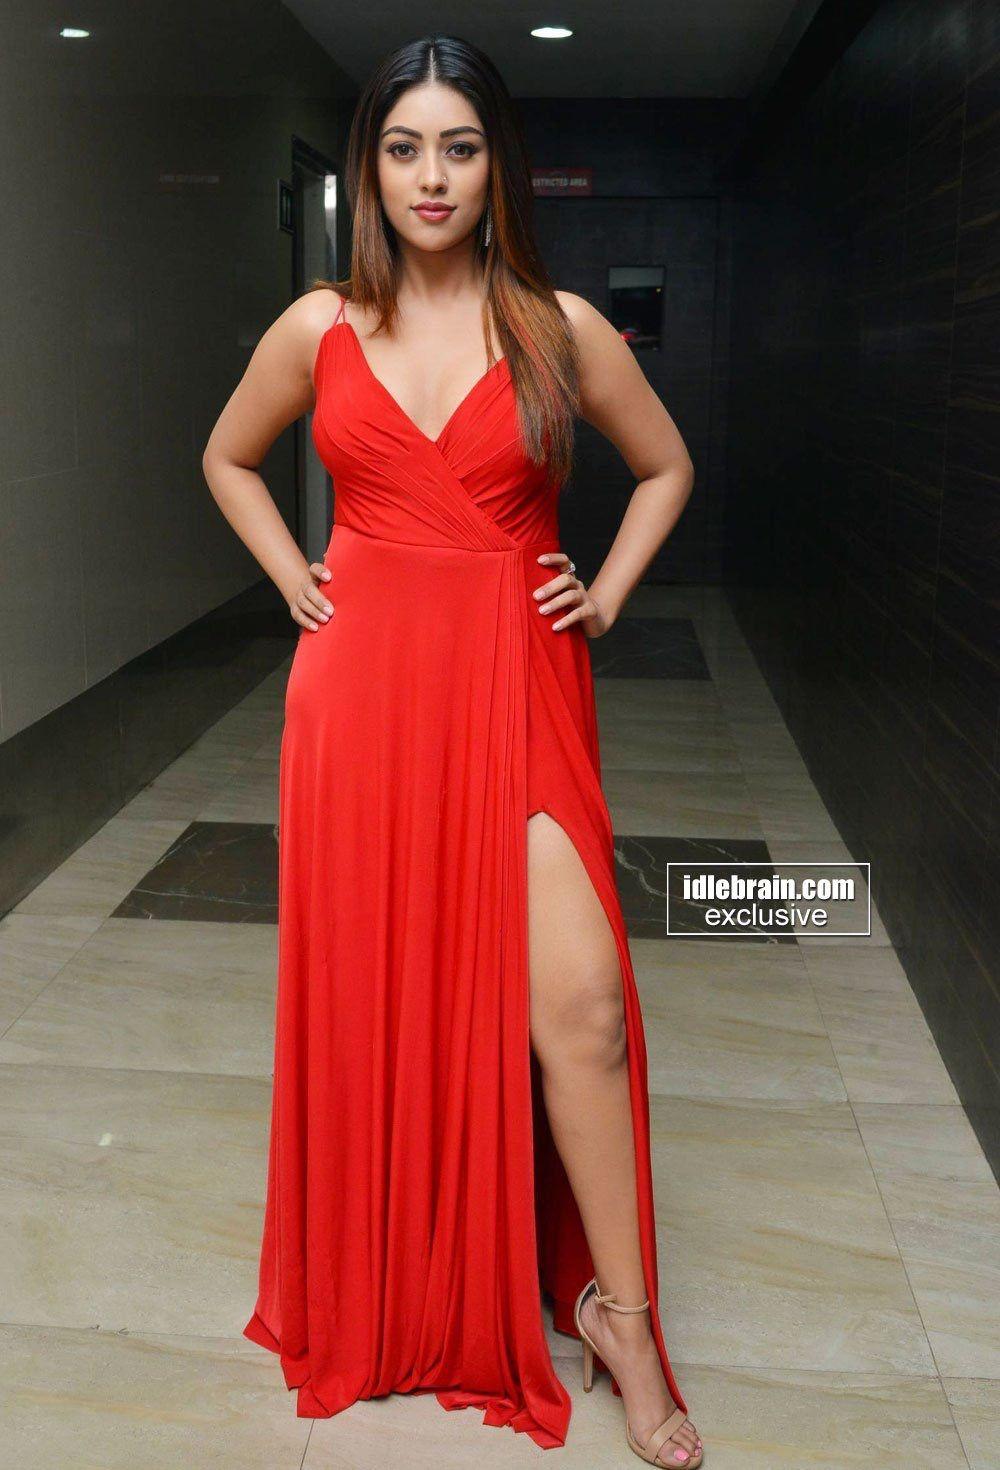 Anu emmanuel short leg show pinterest actresses indian